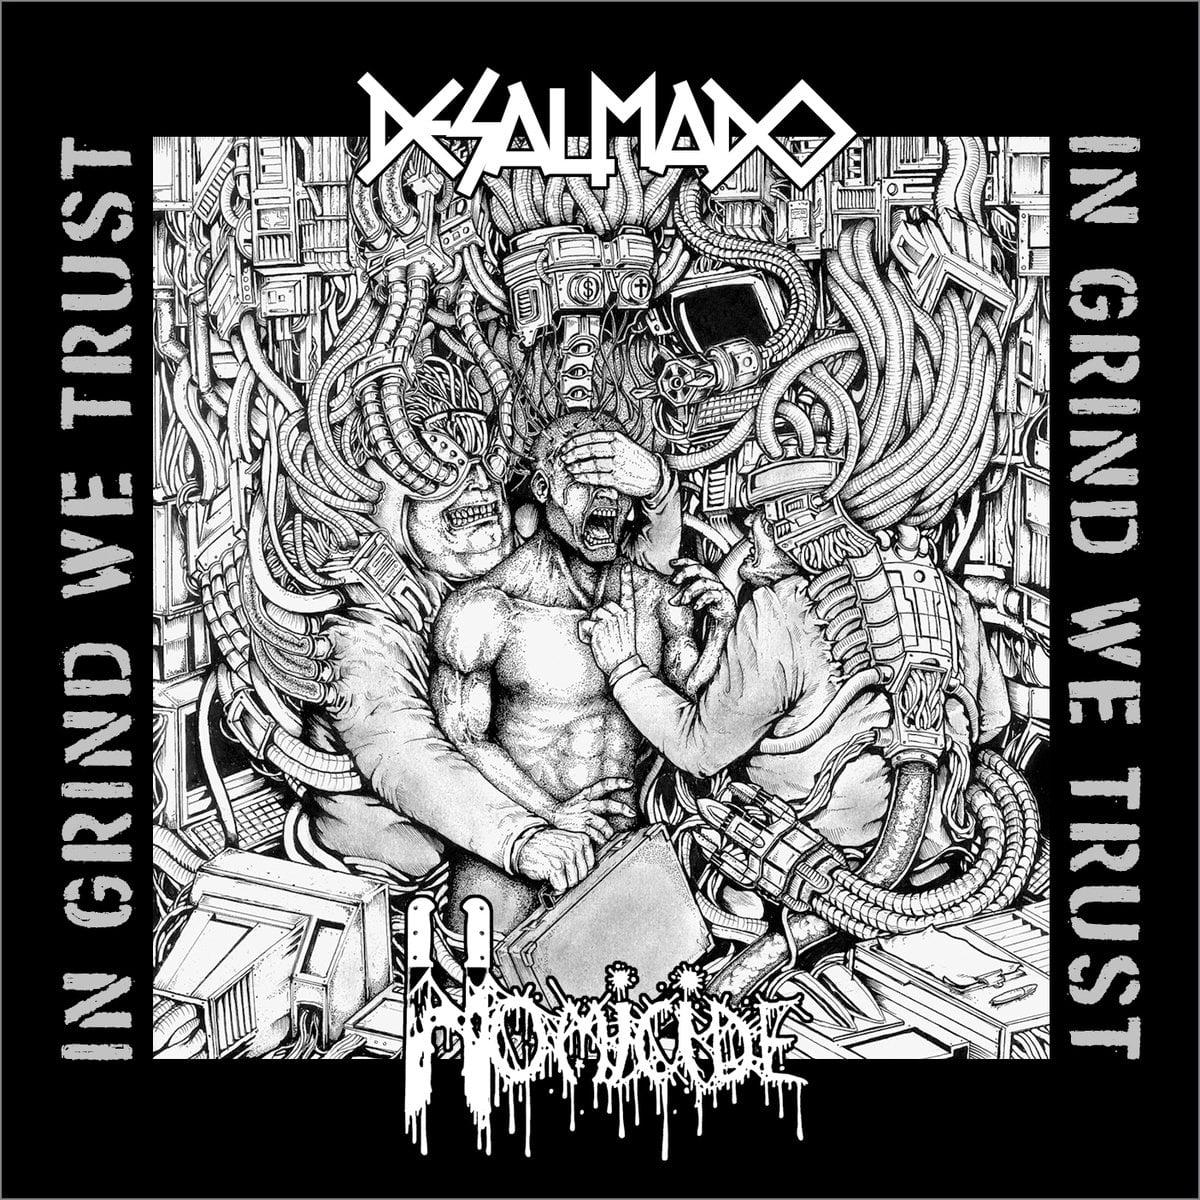 Desalmado/Homicide – In Grind We Trust